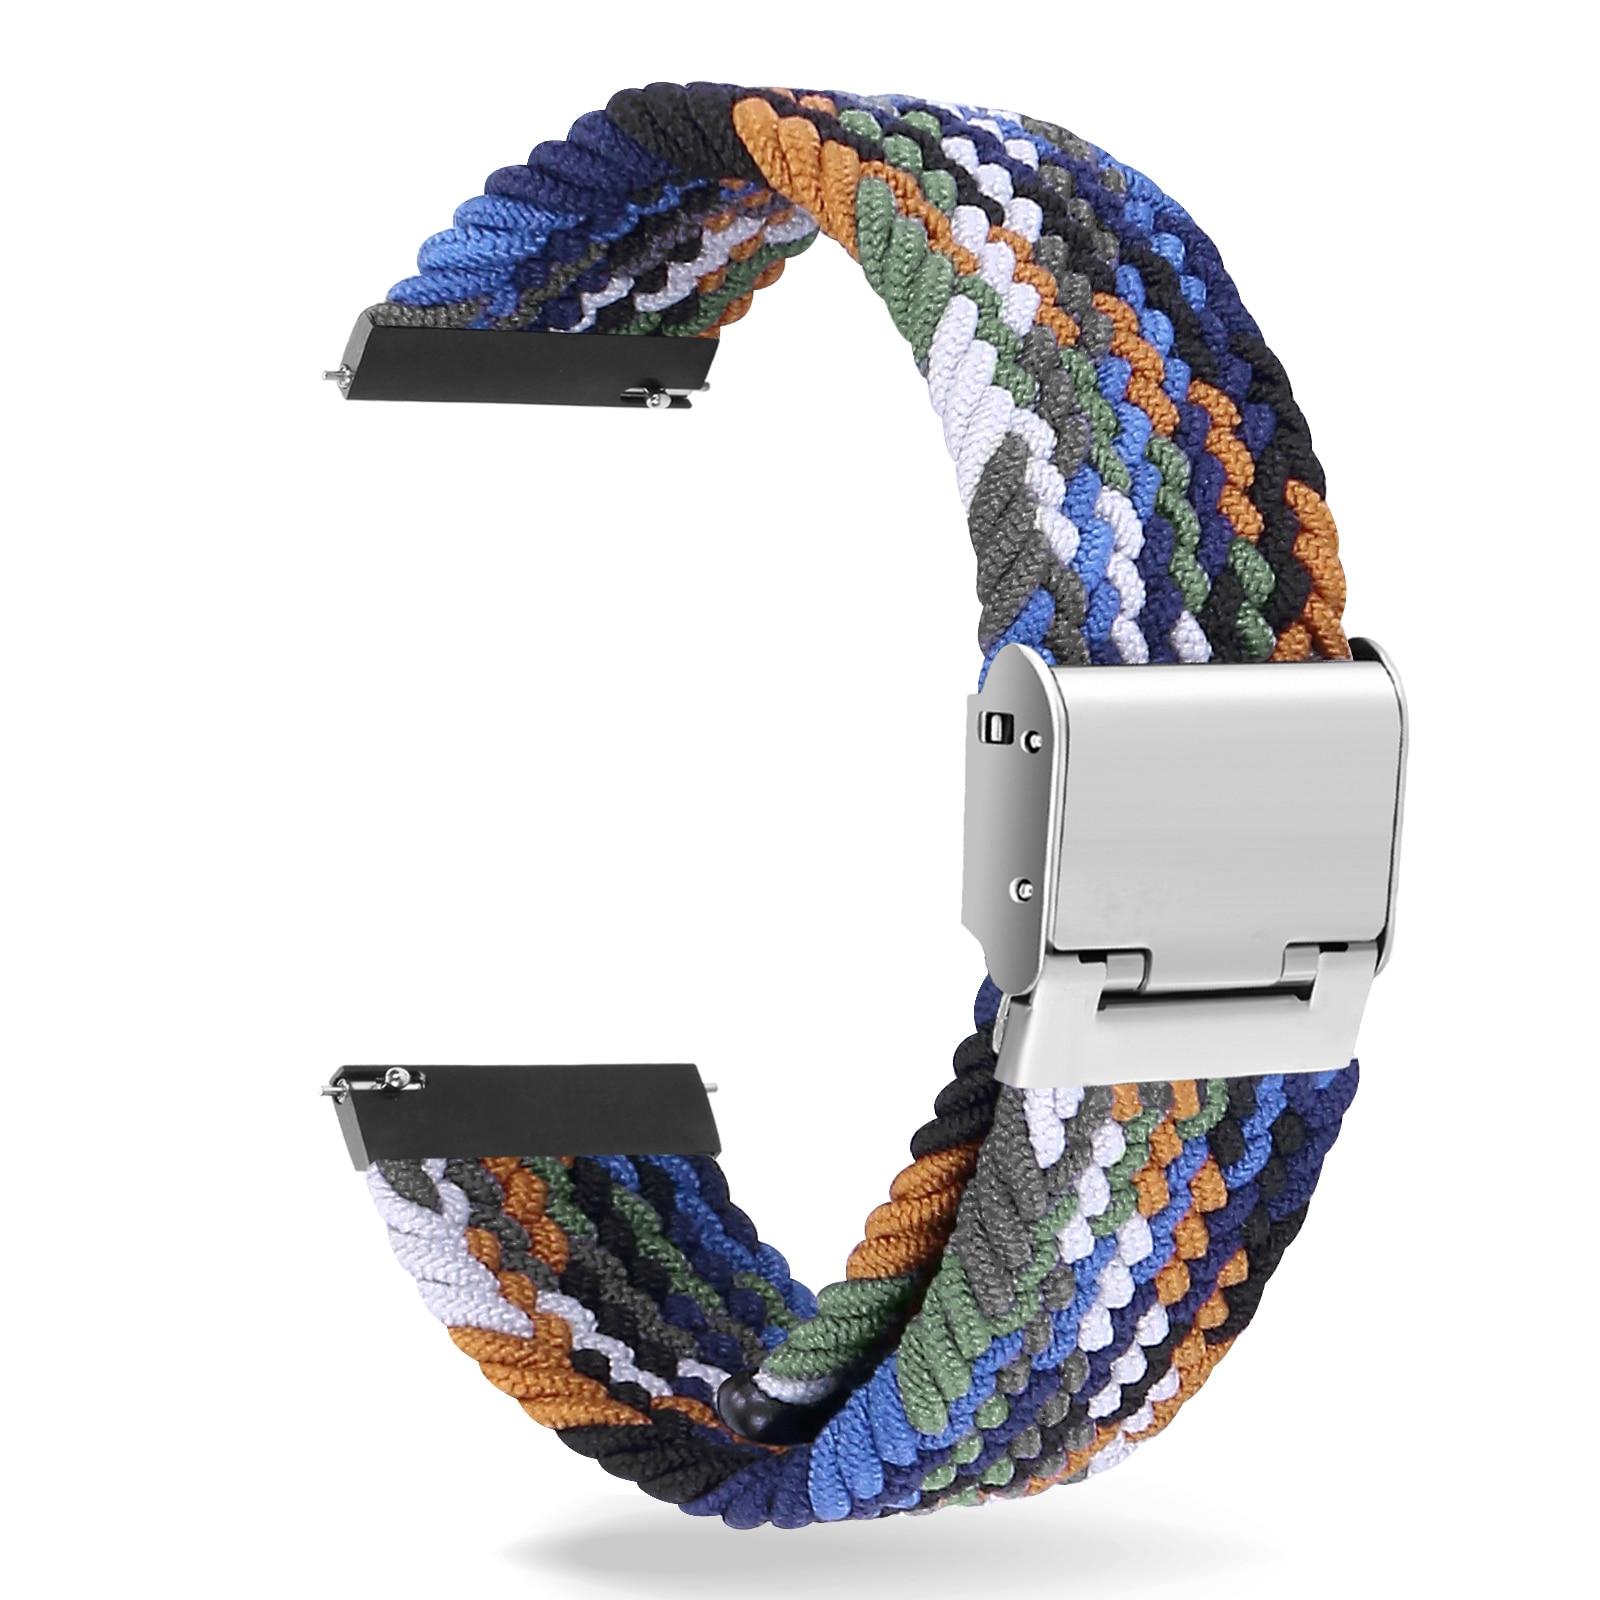 bracciale-elastico-in-nylon-intrecciato-regolabile-in-lunghezza-per-samsung-s1-s2-s3-smartwatch-20-22mm-cinturino-sportivo-ad-anello-singolo